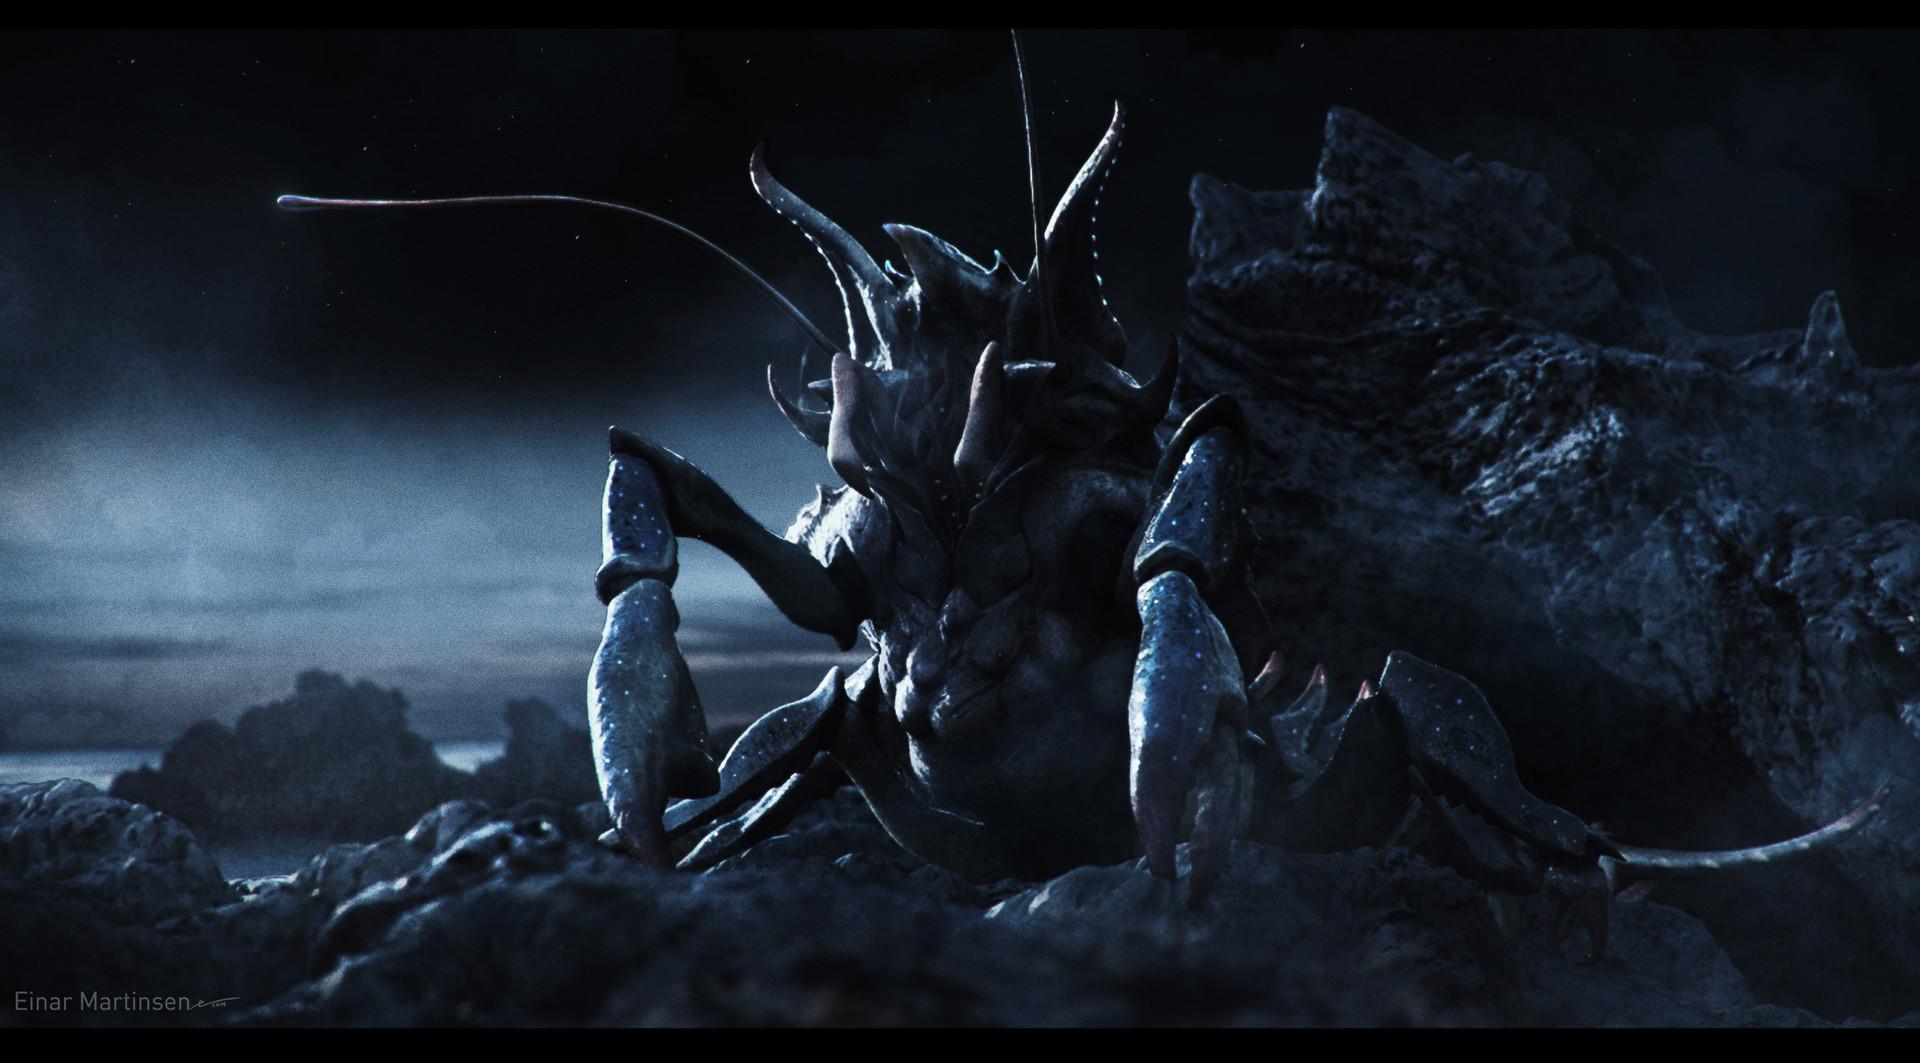 Einar martinsen alien crab einar martinsen 03